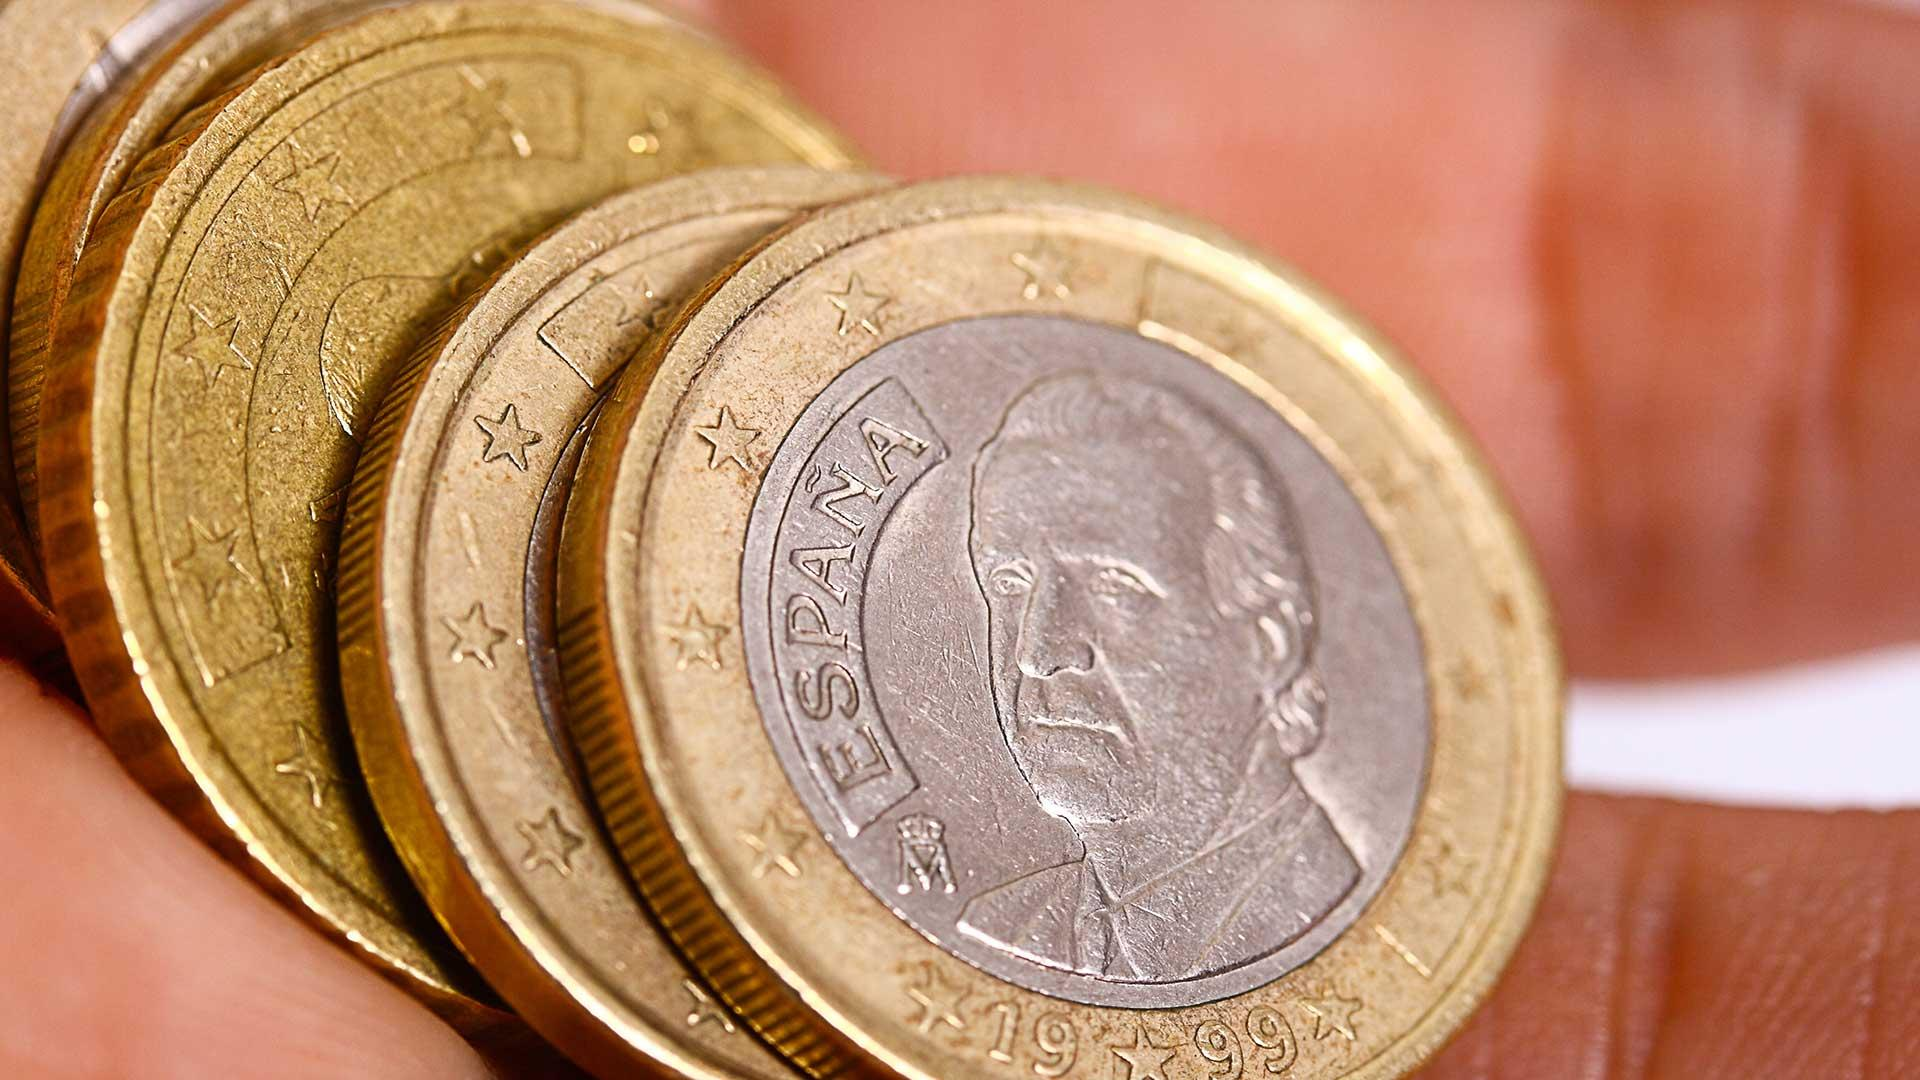 Geld abheben von N26 Konto - so geht's